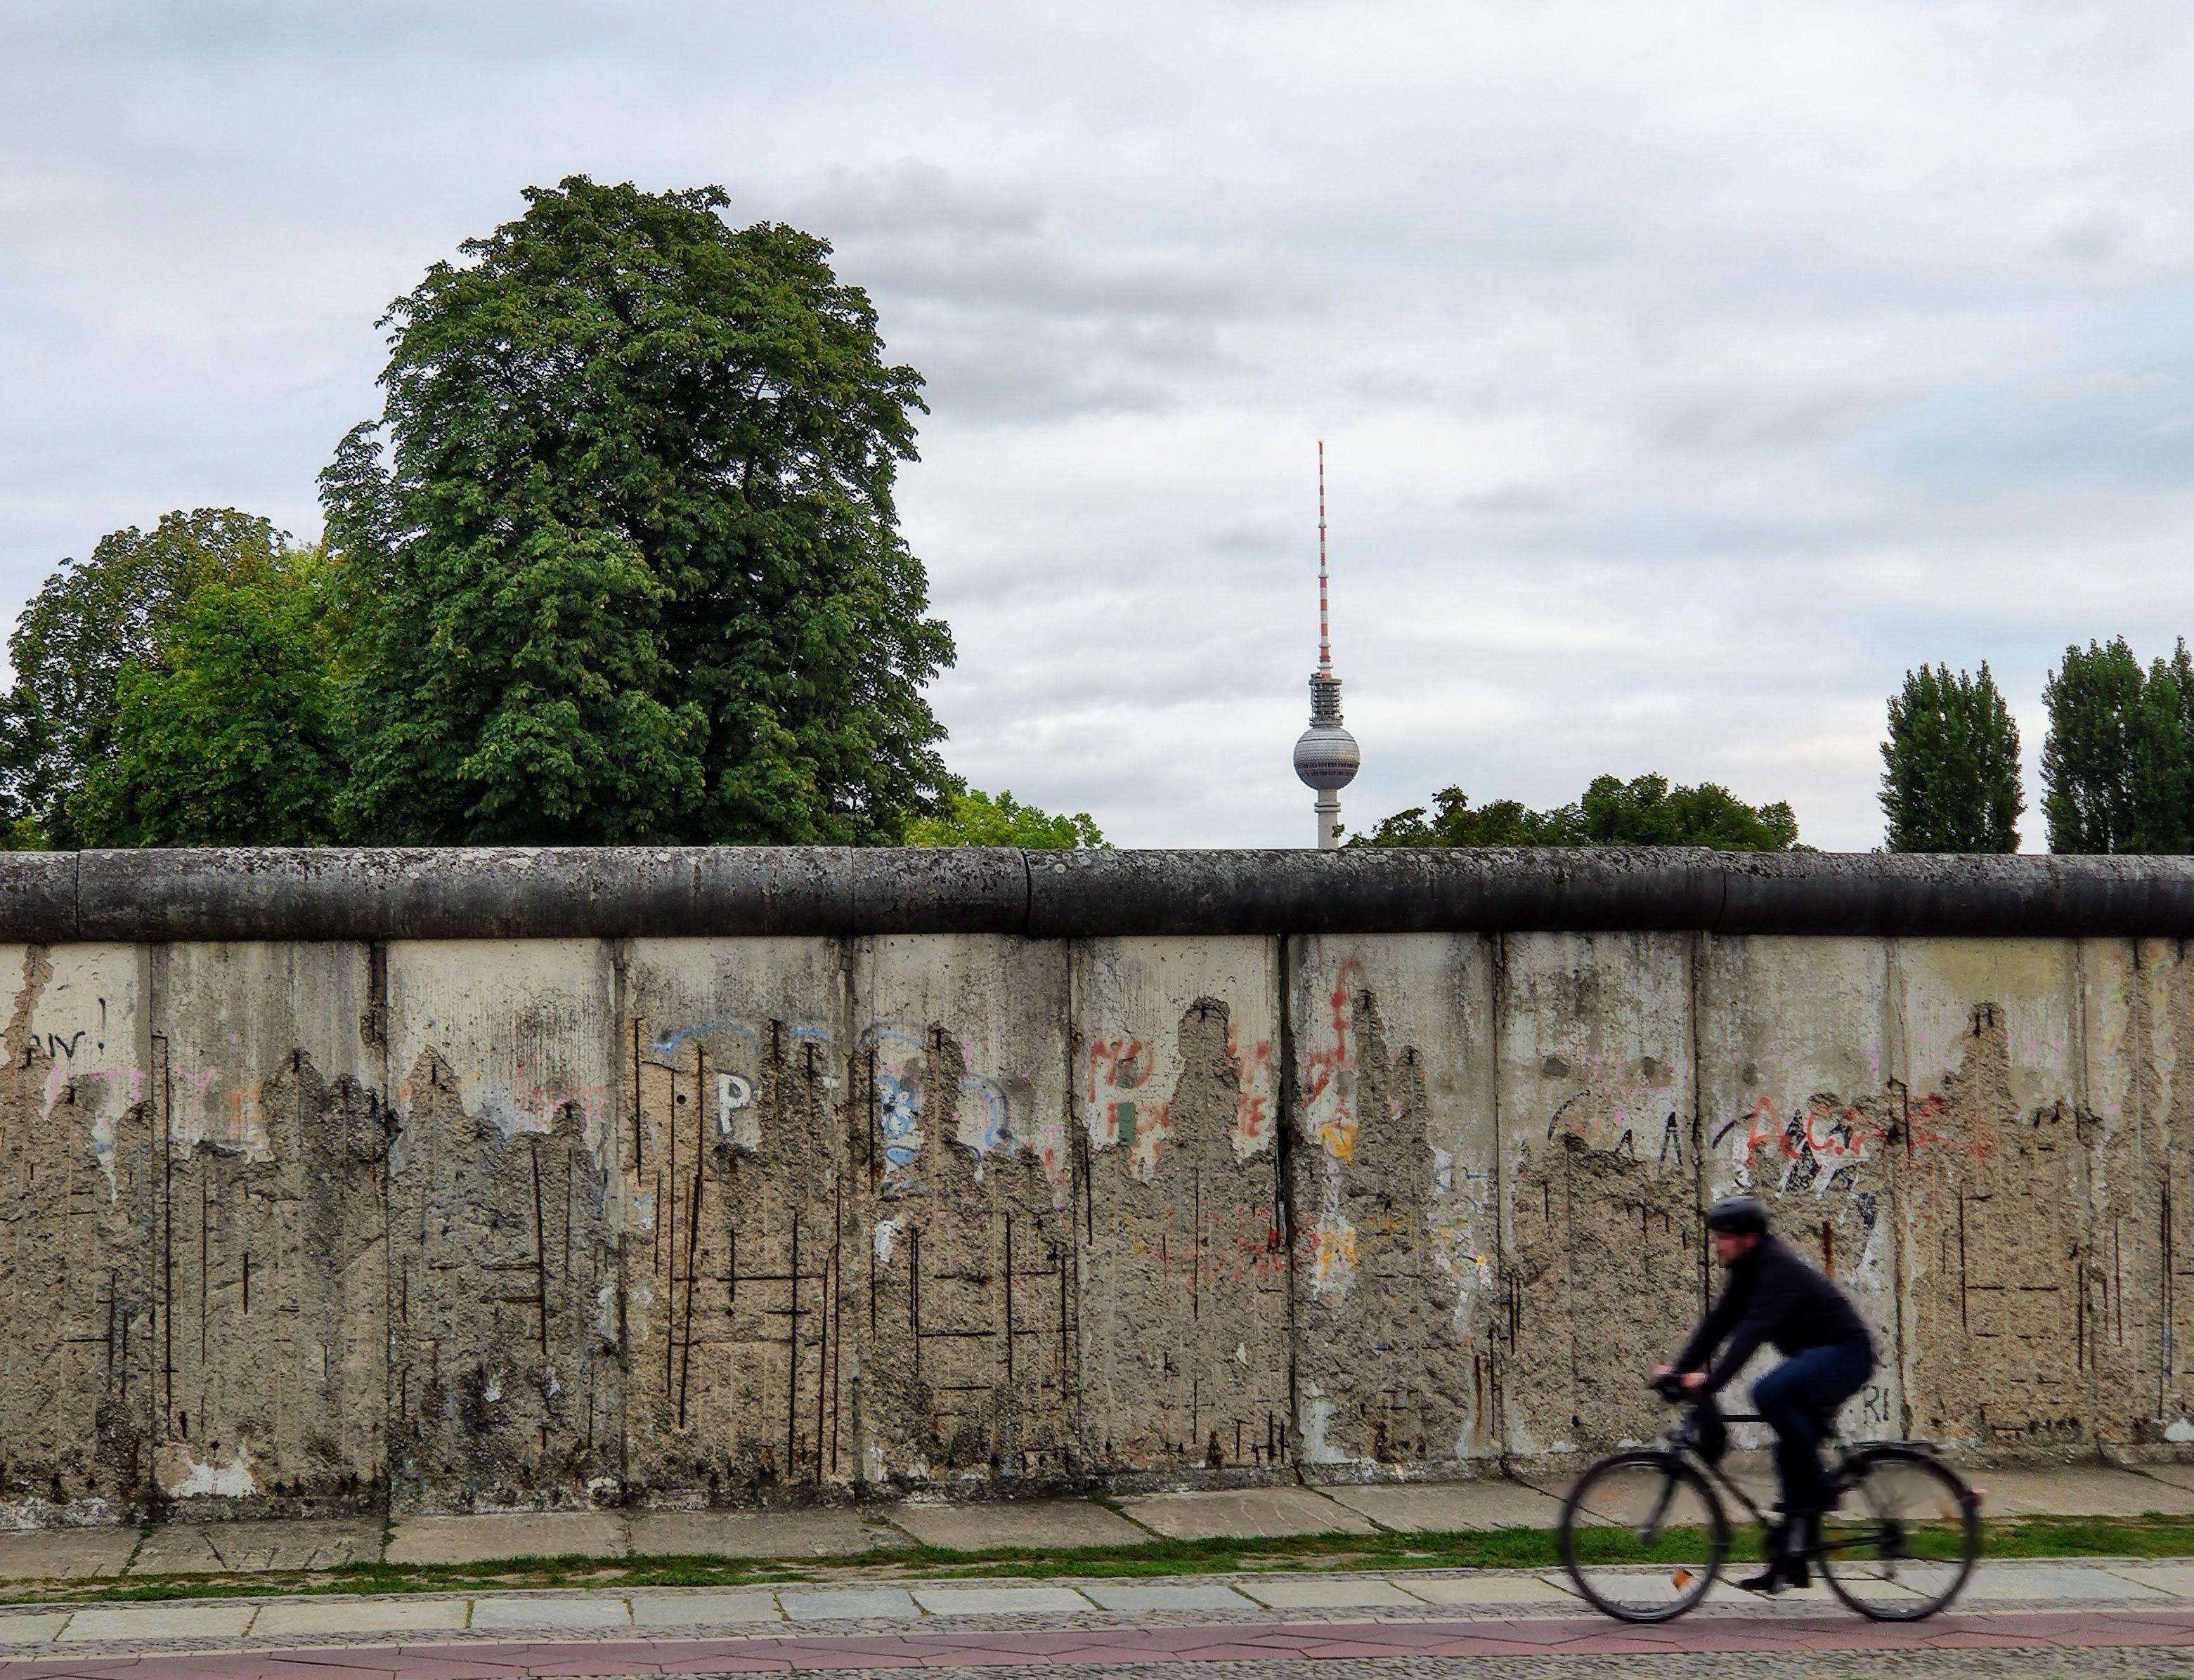 Uma das seções originais do muro